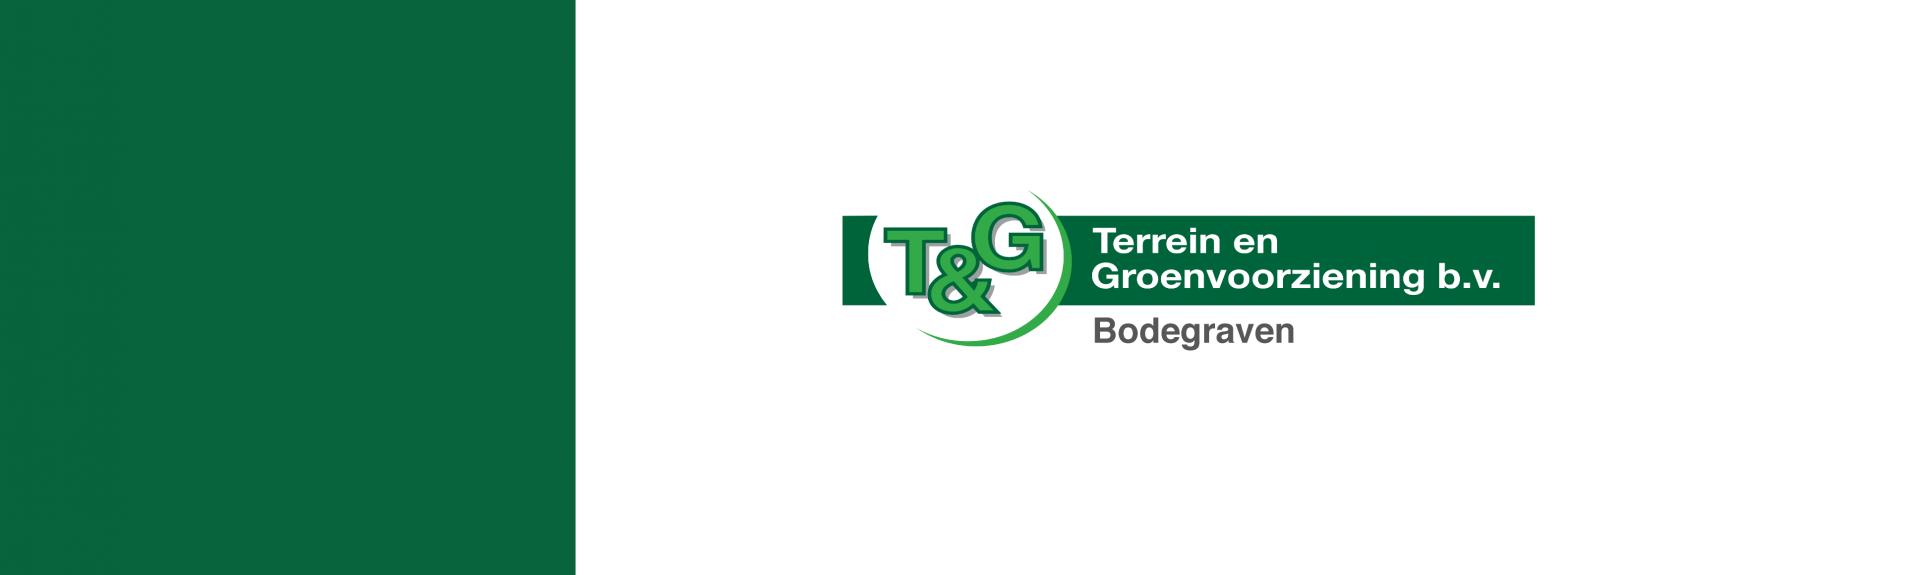 20200826_website_projectparade_banner_T&G Bodegraven